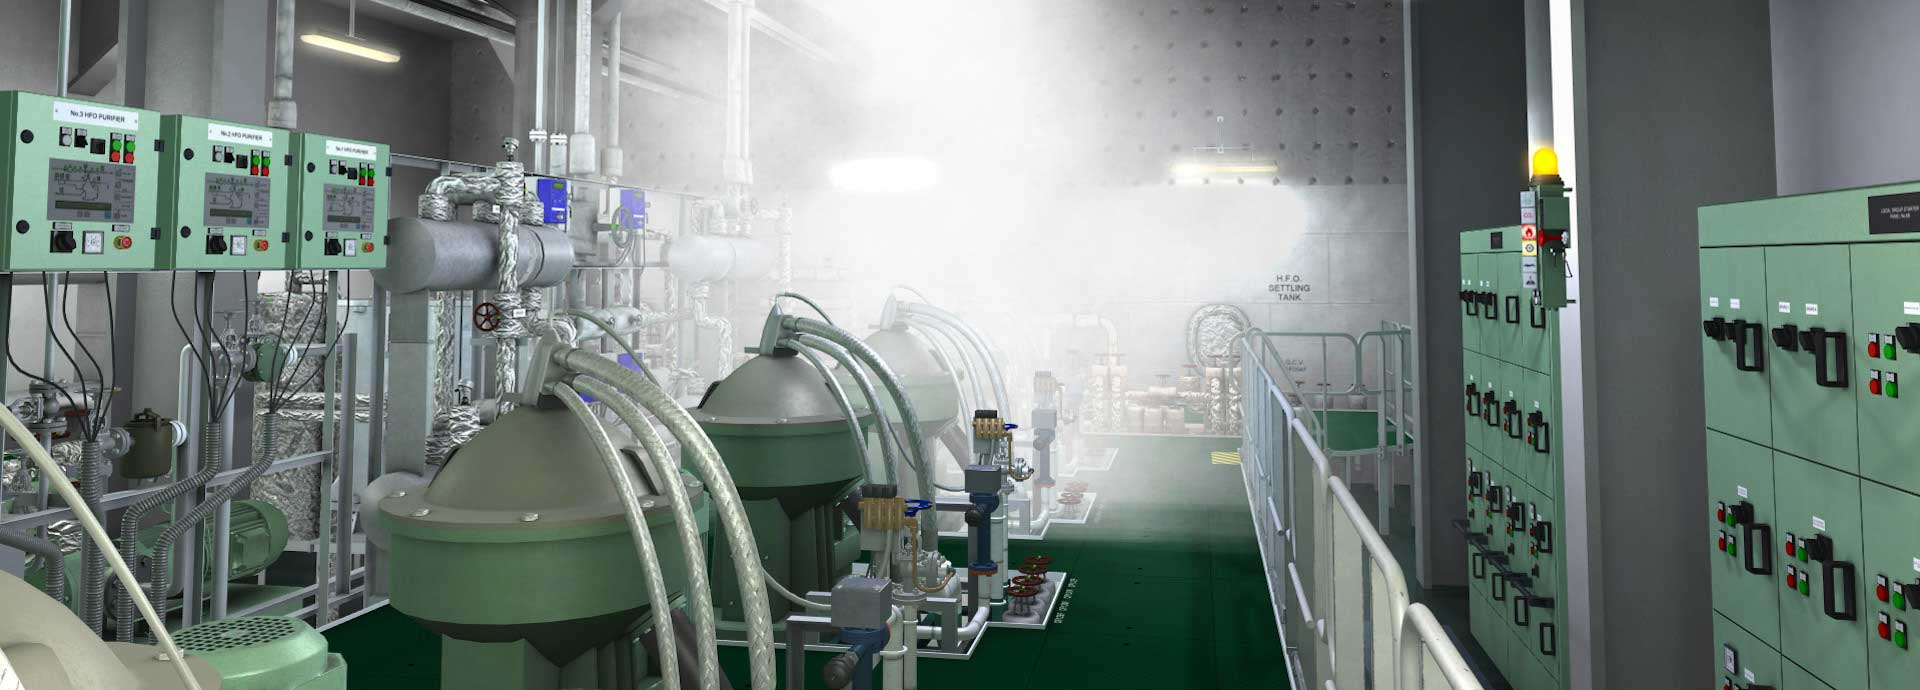 Water Mist Release in Purifier Room